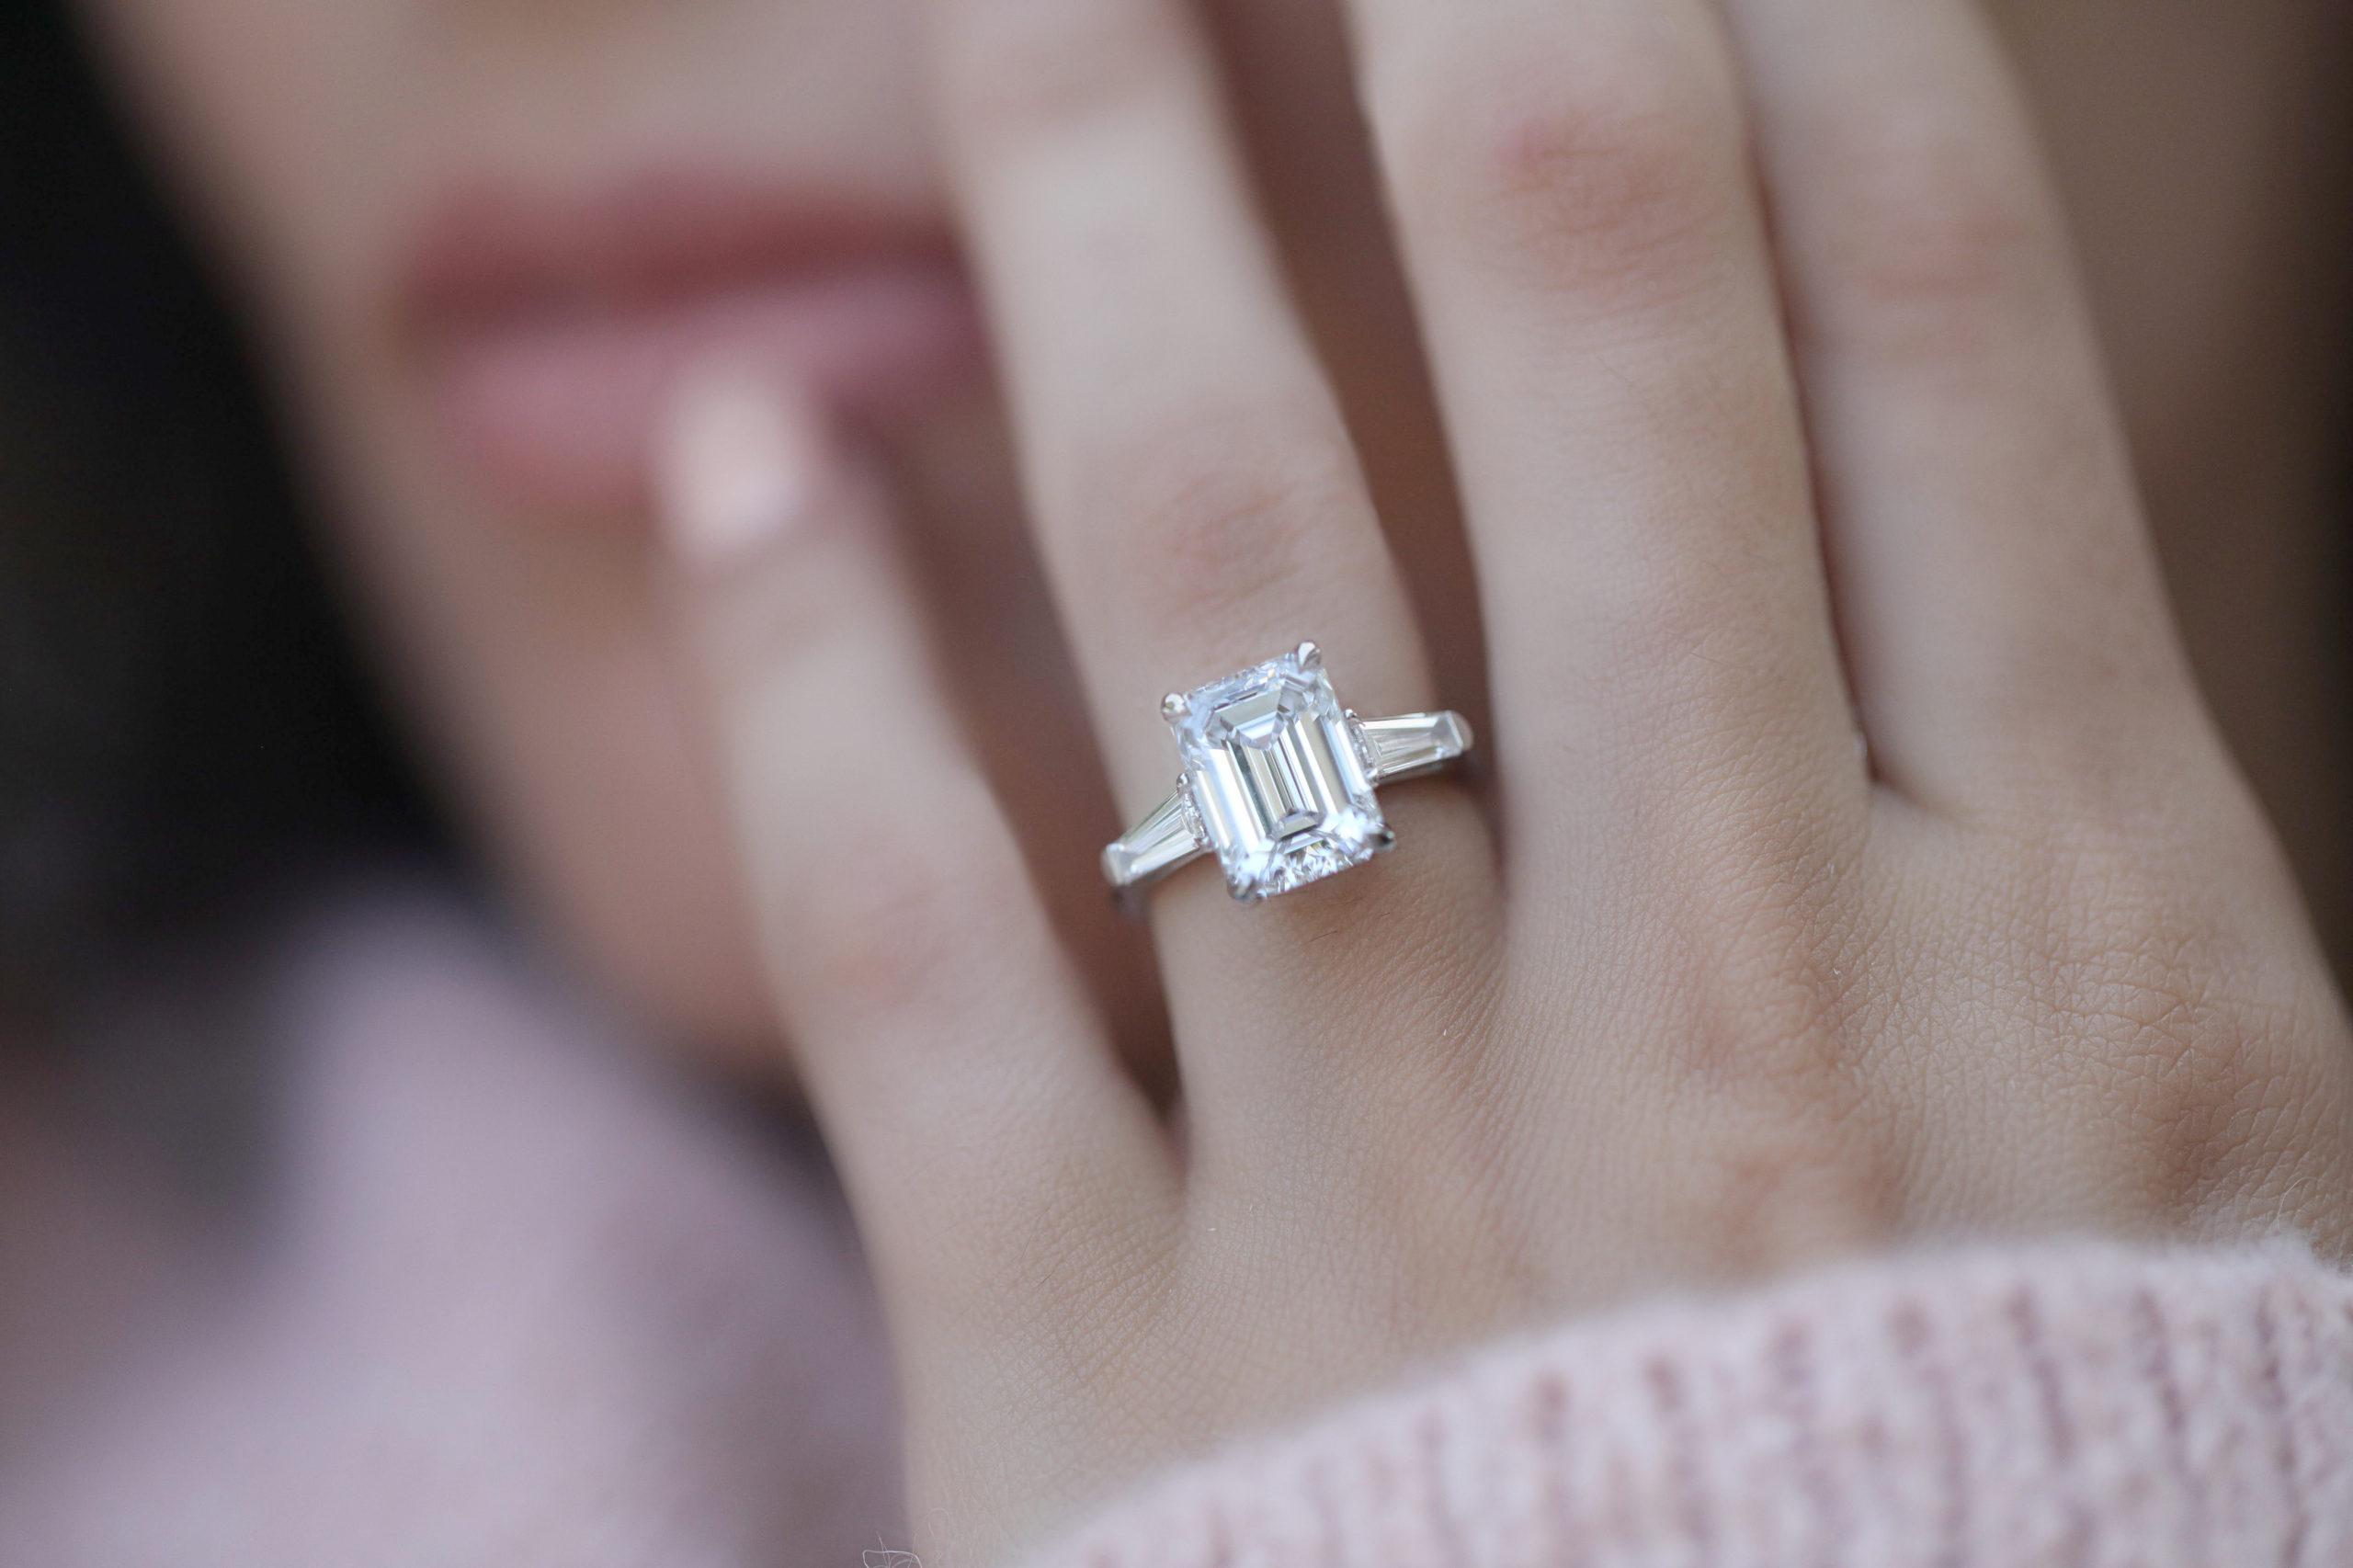 Emerald Cut Engagement Rings From Adiamor Are Timeless - Adiamor Blog